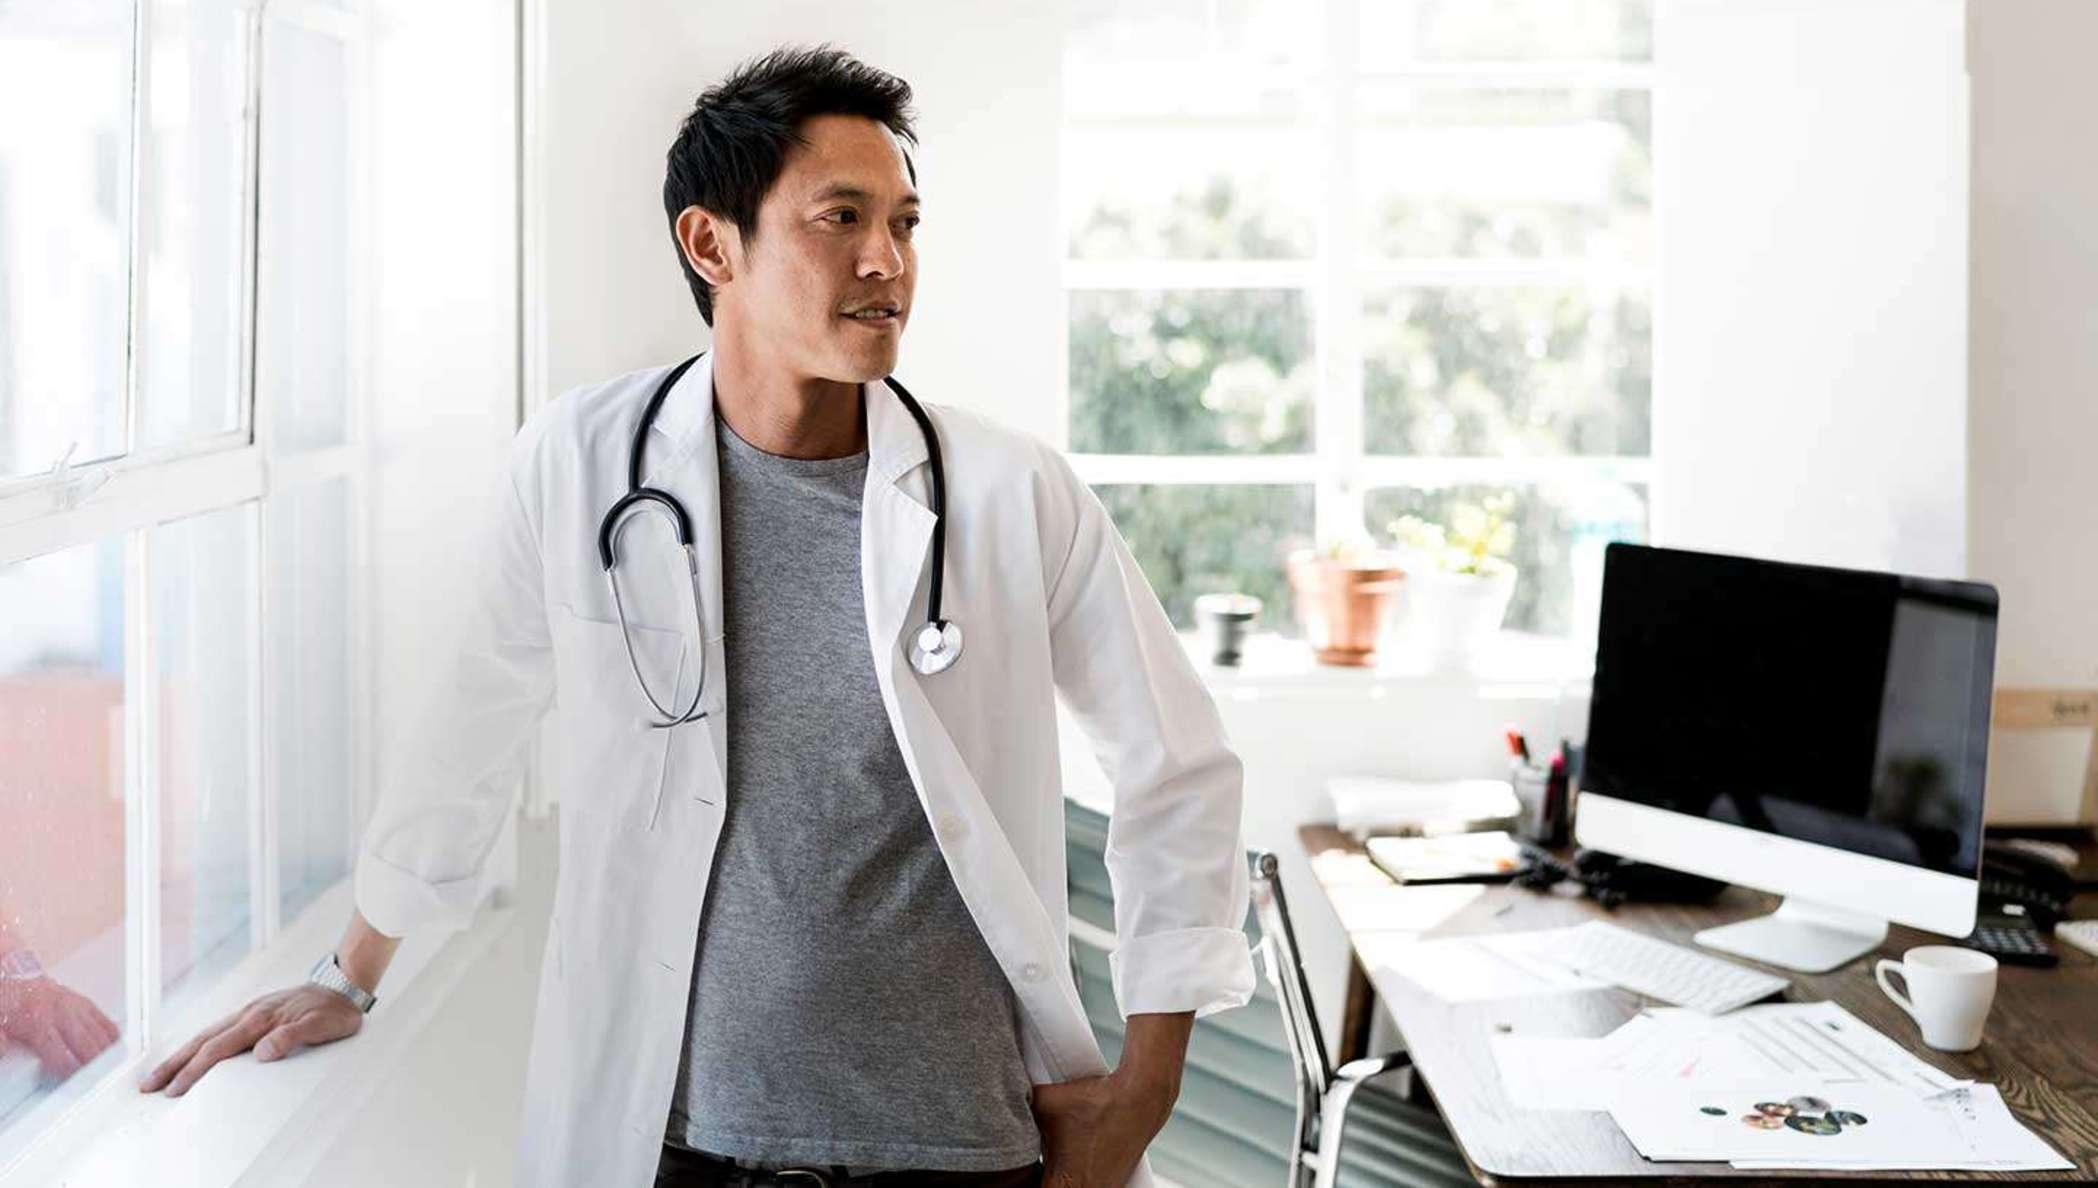 Ein Arzt neben einem Bürofenster, der an seinem Schreibtisch vorbei schaut.